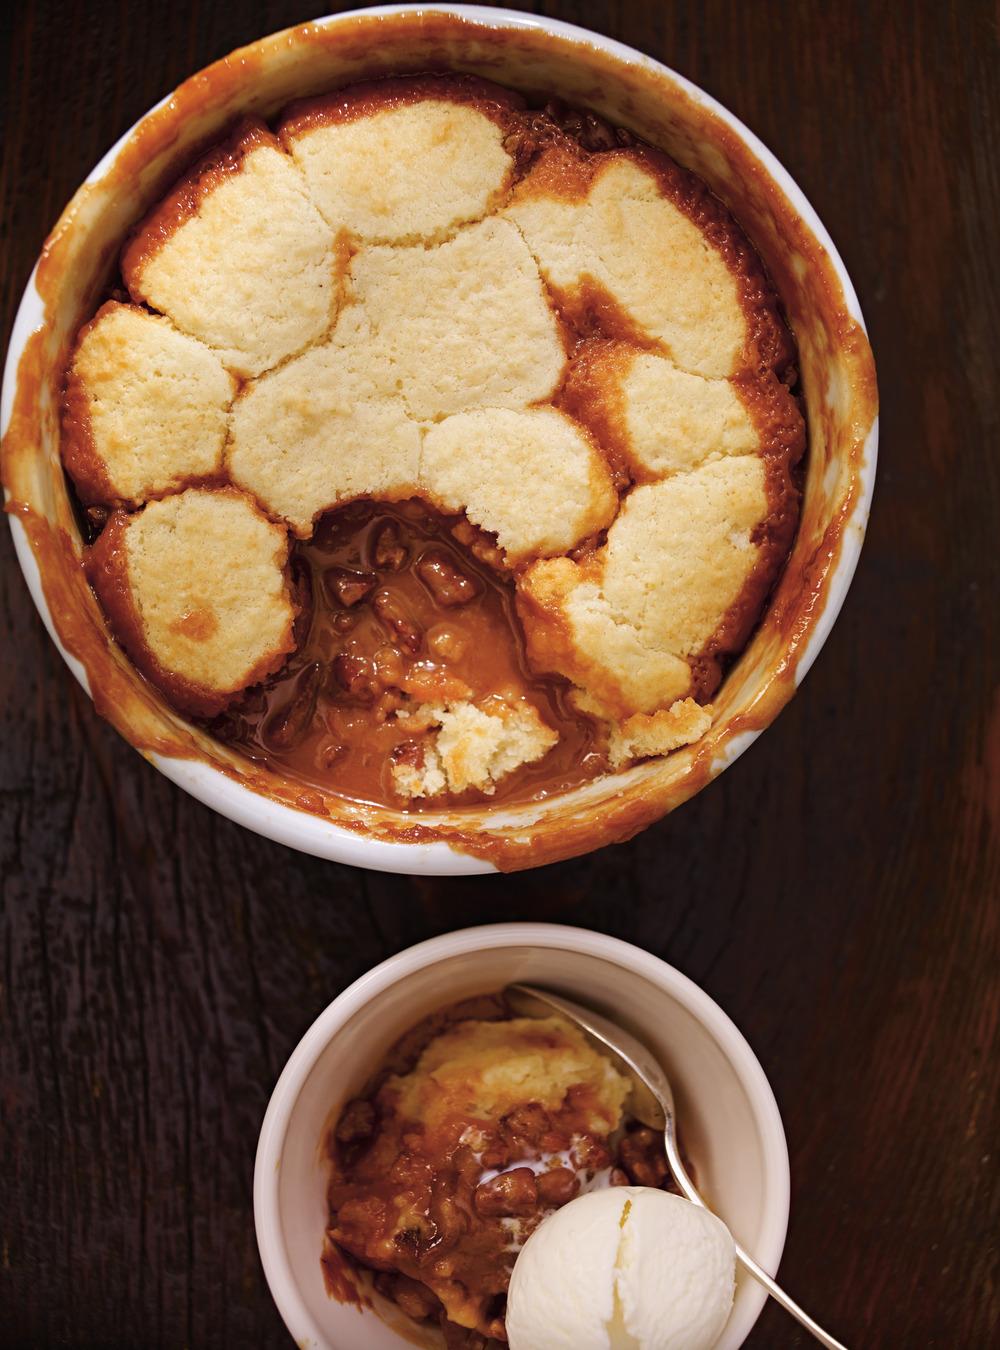 Pouding chaud au caramel et aux pacanes | ricardo